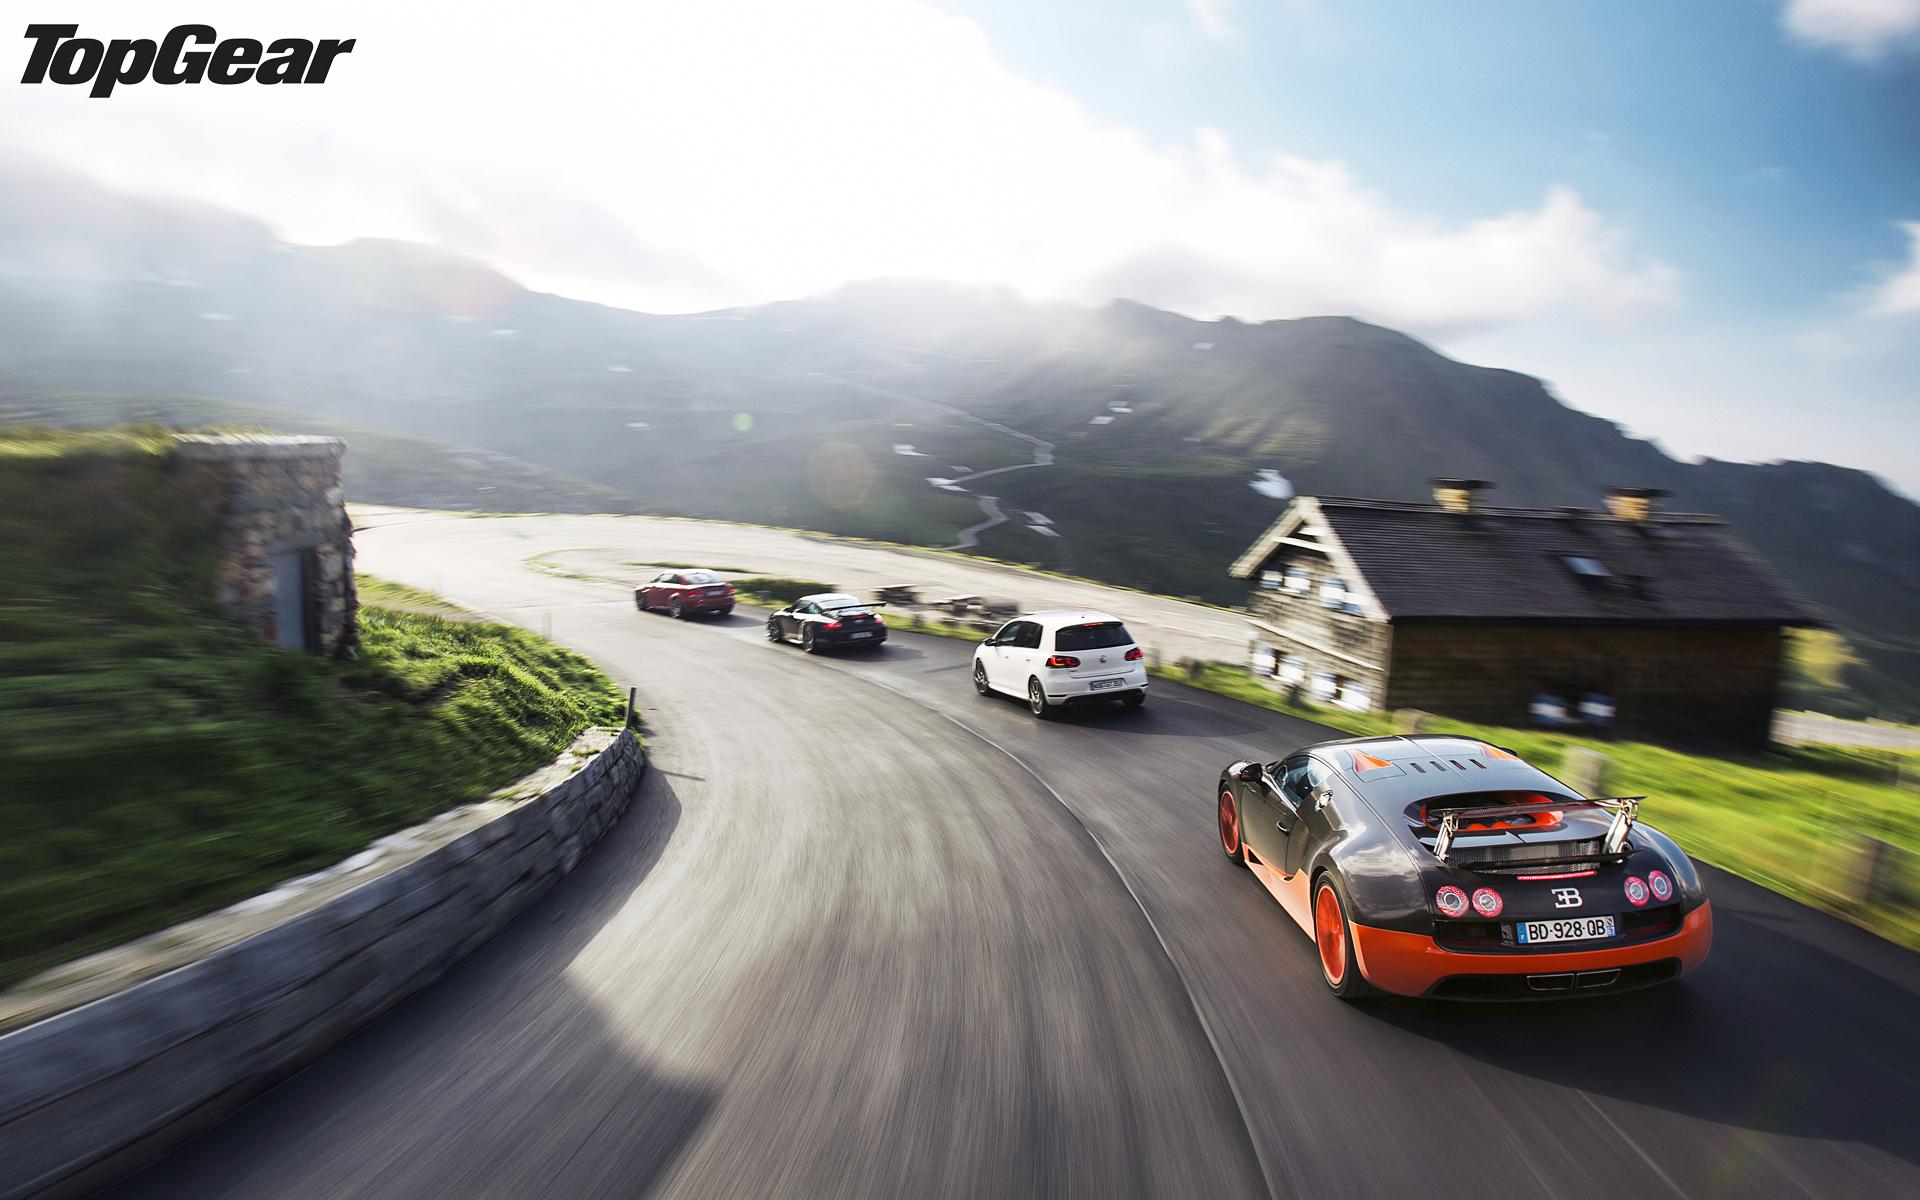 Best Subaru Cars For Racing